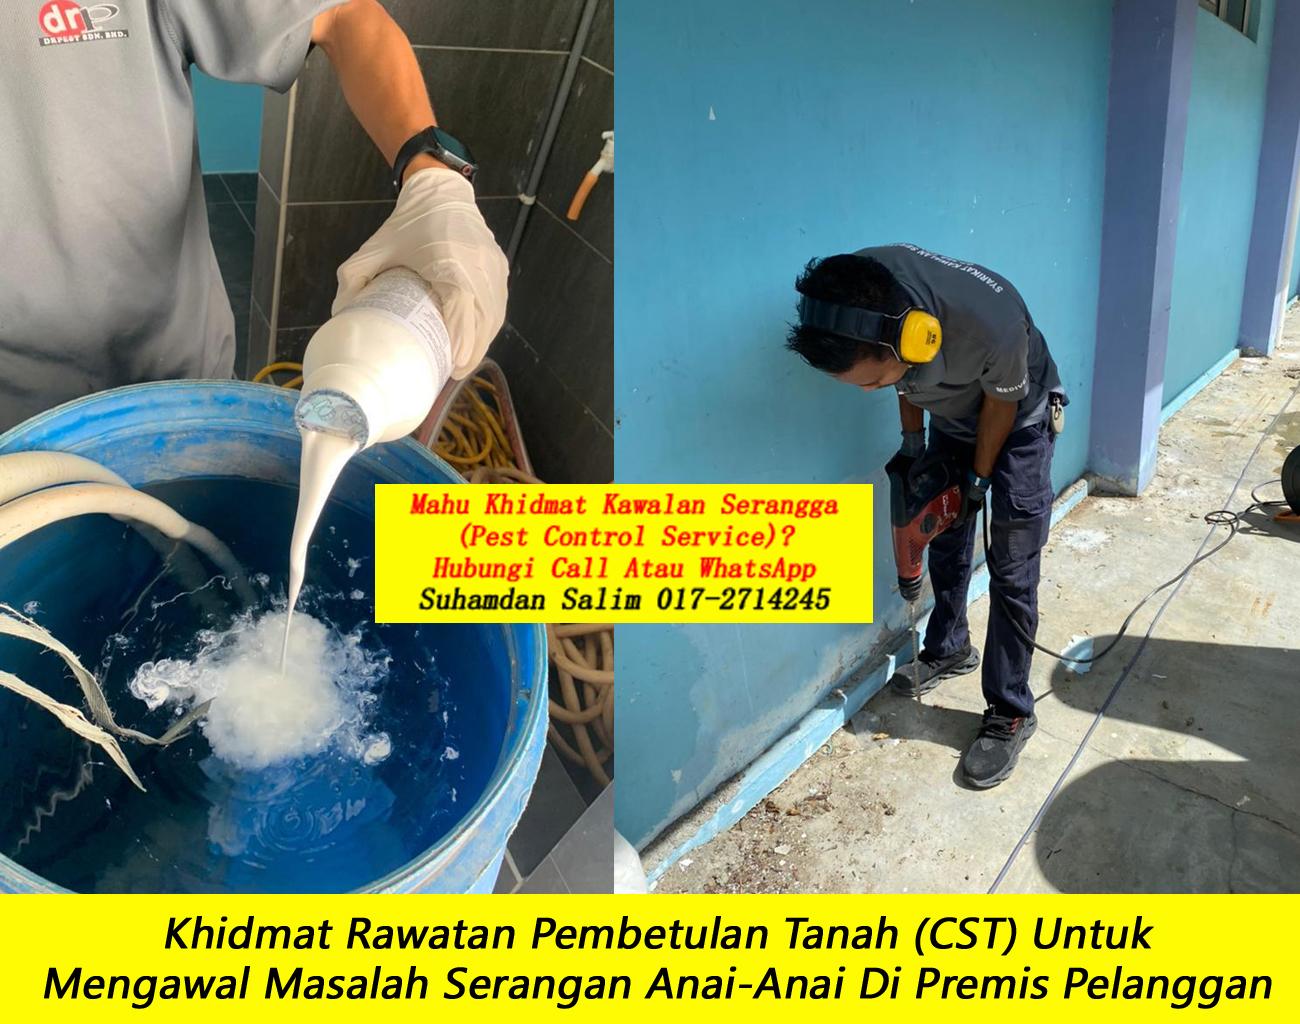 khidmat rawatan dan pencegahan masalah anai anai di Bukit Damansara kl oleh syarikat kawalan serangga company pest control kawalan anai anai yang berkesan terbaik di felda